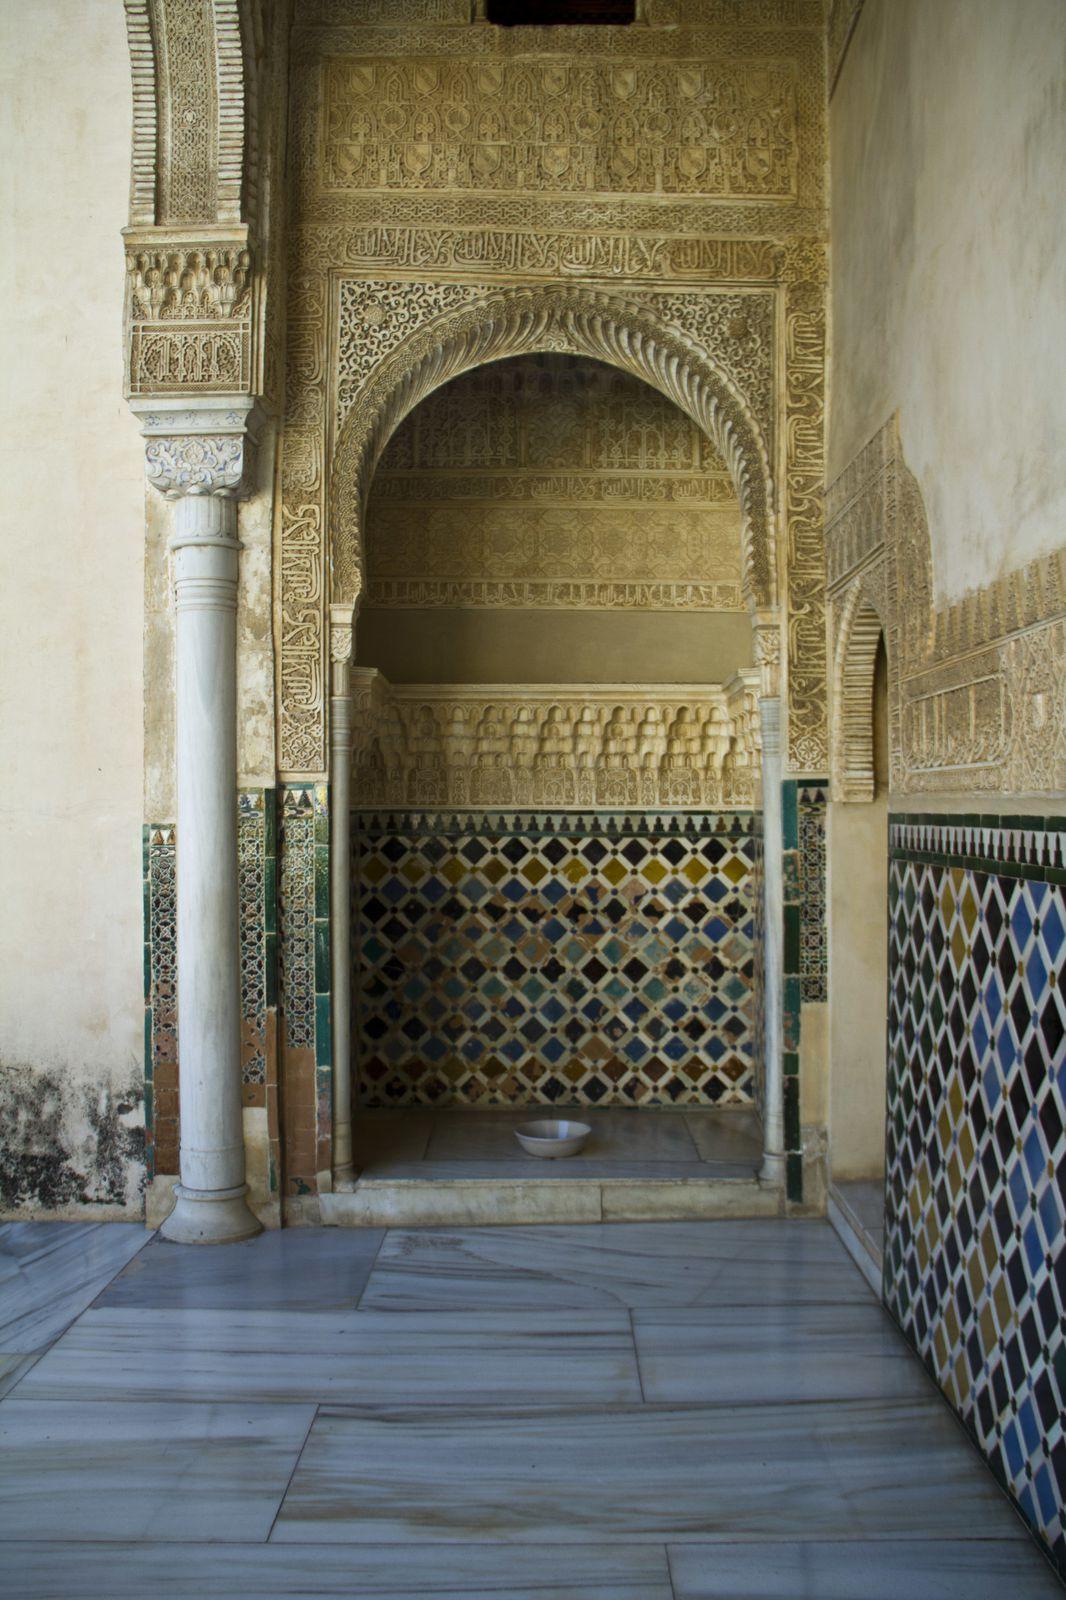 Des portes à arc outrepassé, des azulejos, presque toutes ces photos ont été prises dans les palais Nasrides.